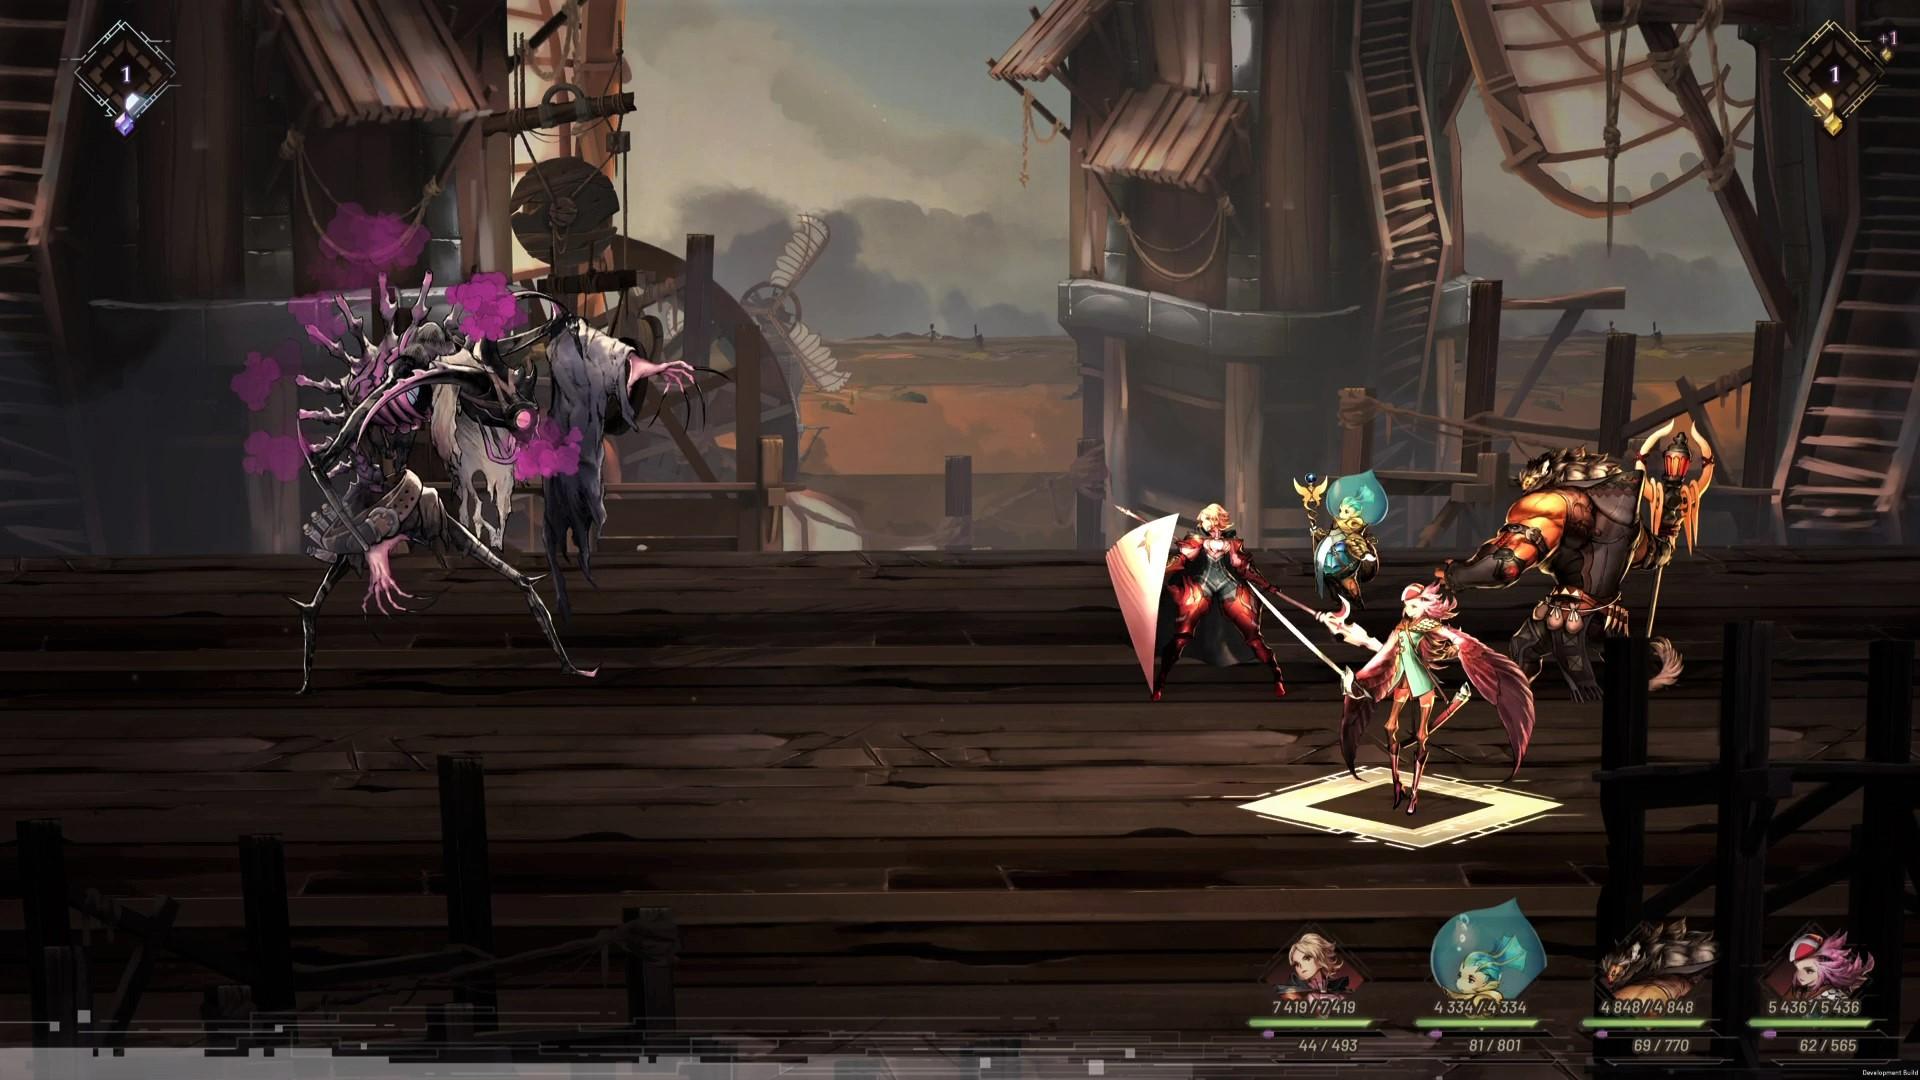 https://www.4gamer.net/games/561/G056199/20211006120/SS/006.jpg